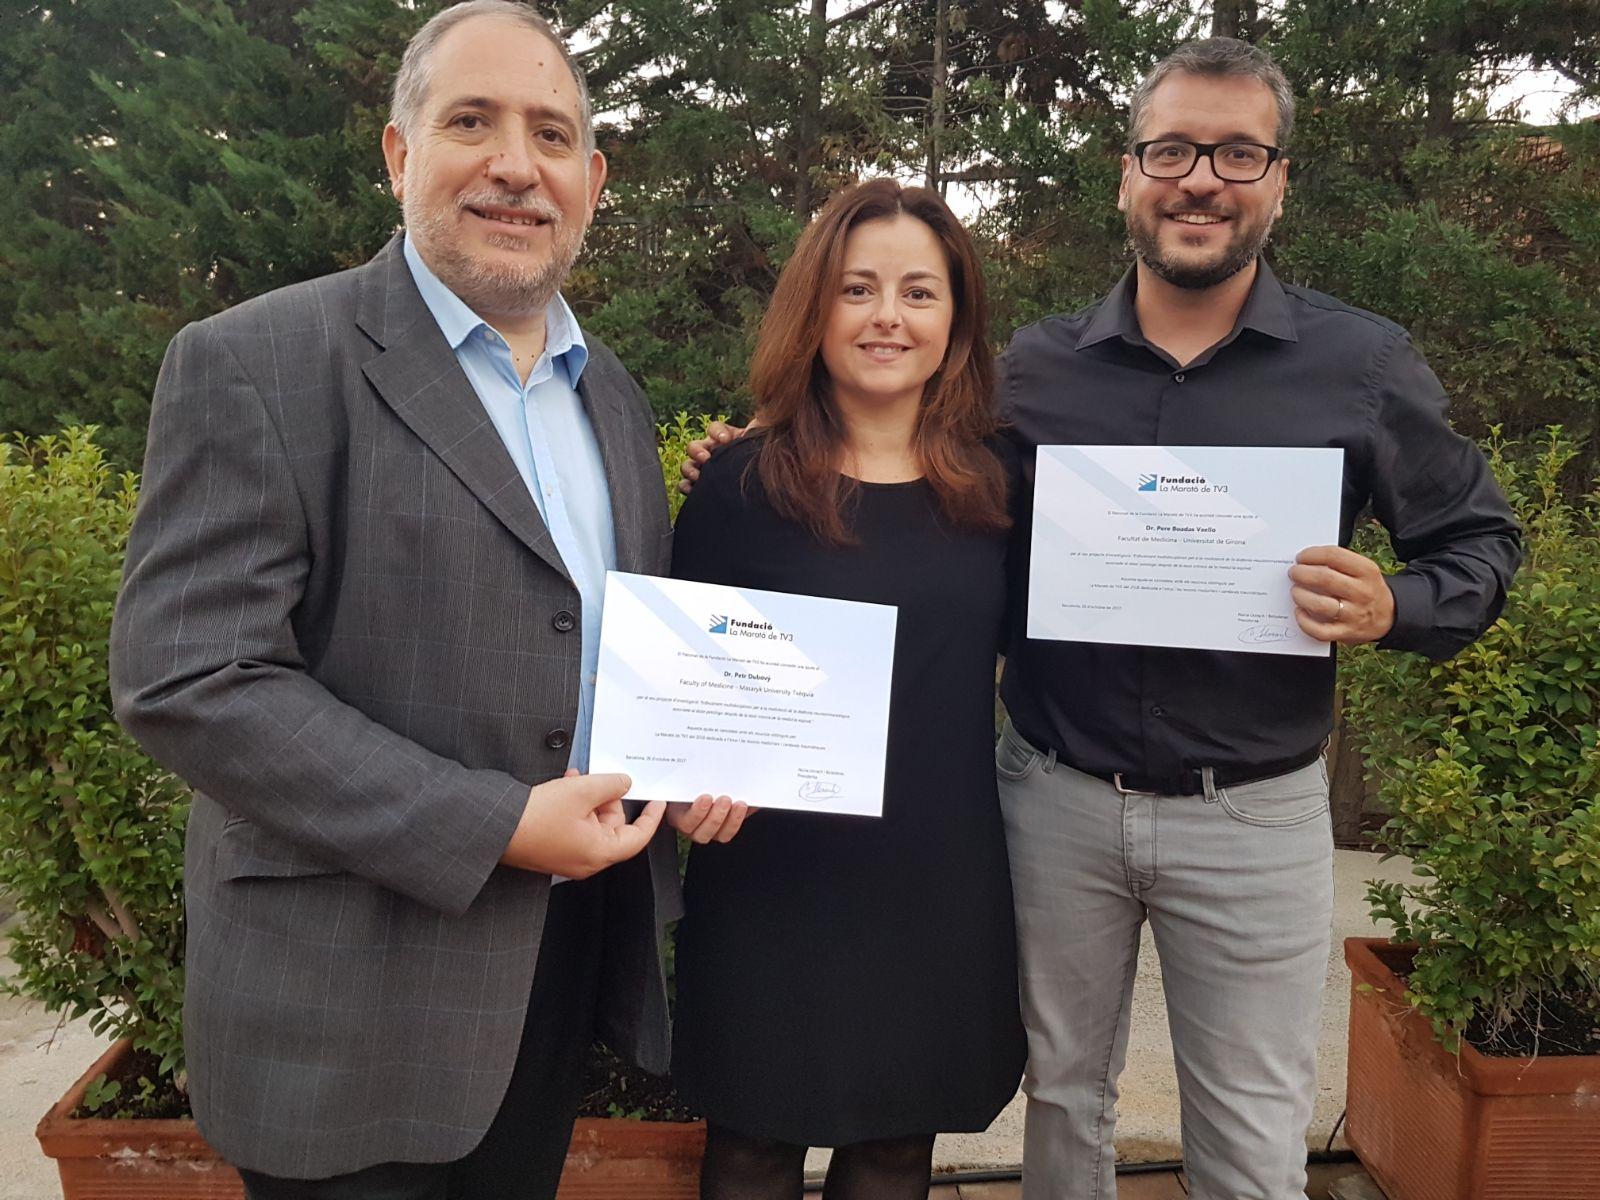 Un equip d'investigació gironí del qual en forma part la professora d'EUSES Dra. Judit Homs ha estat becat per la Marató de TV3 pel seu projecte de recerca